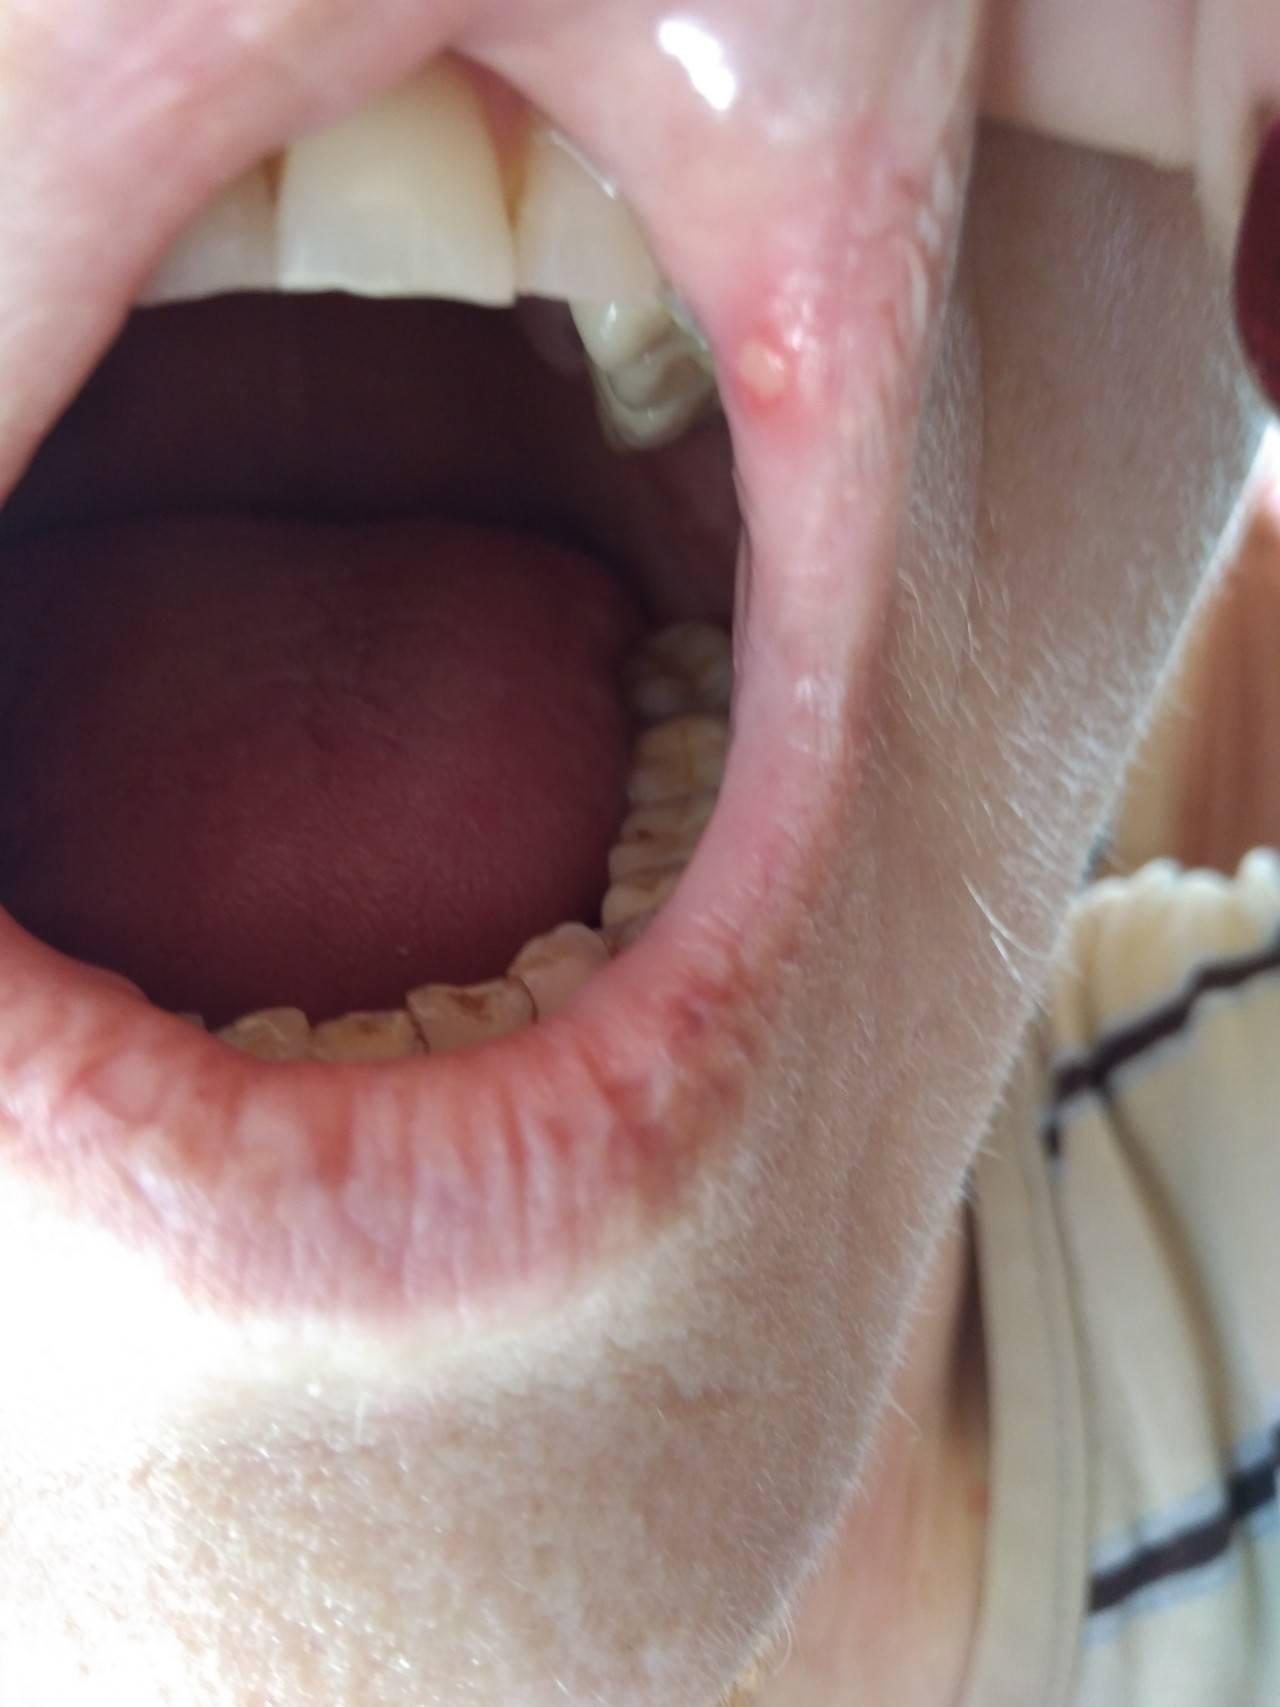 Как быстро вылечить болячки с внутренней стороны губы